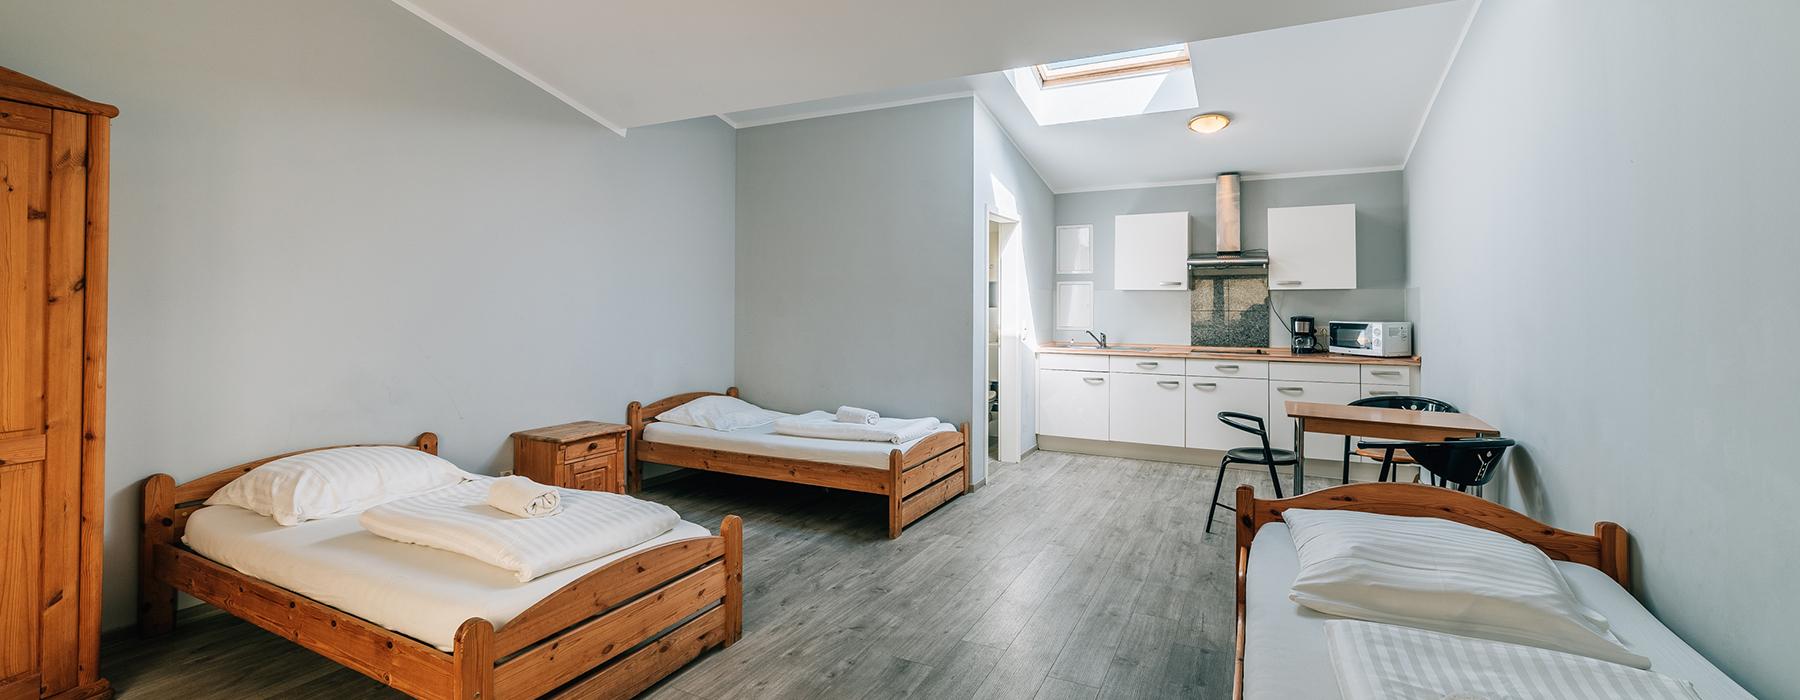 Comfort Tarif: Monteur- und Messezimmer Köln für Pendler